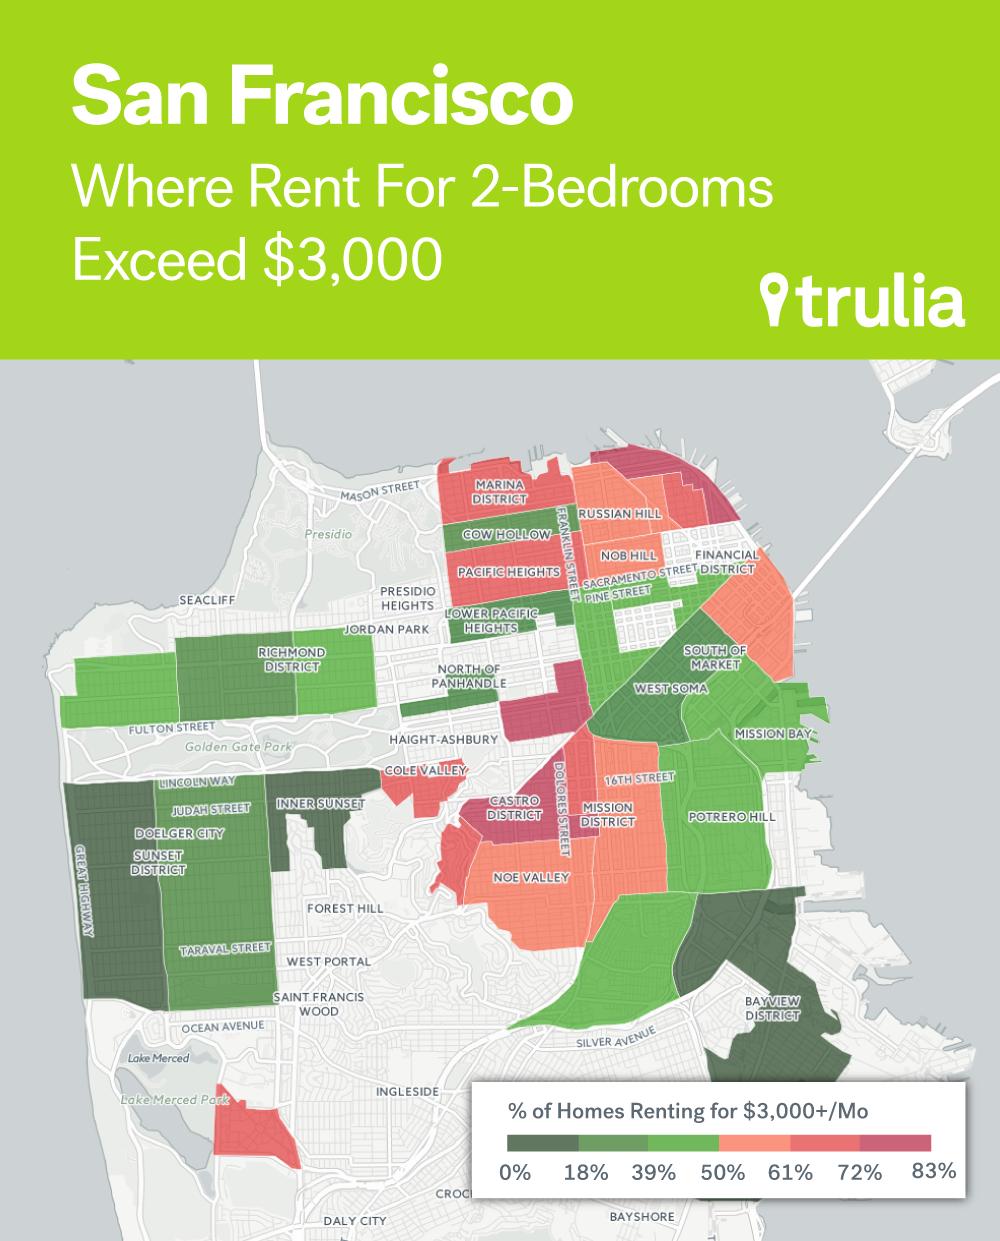 2 Bedroom Rent In San Francisco Best Rental Finds In San Francisco From Studios To 3 Bedrooms